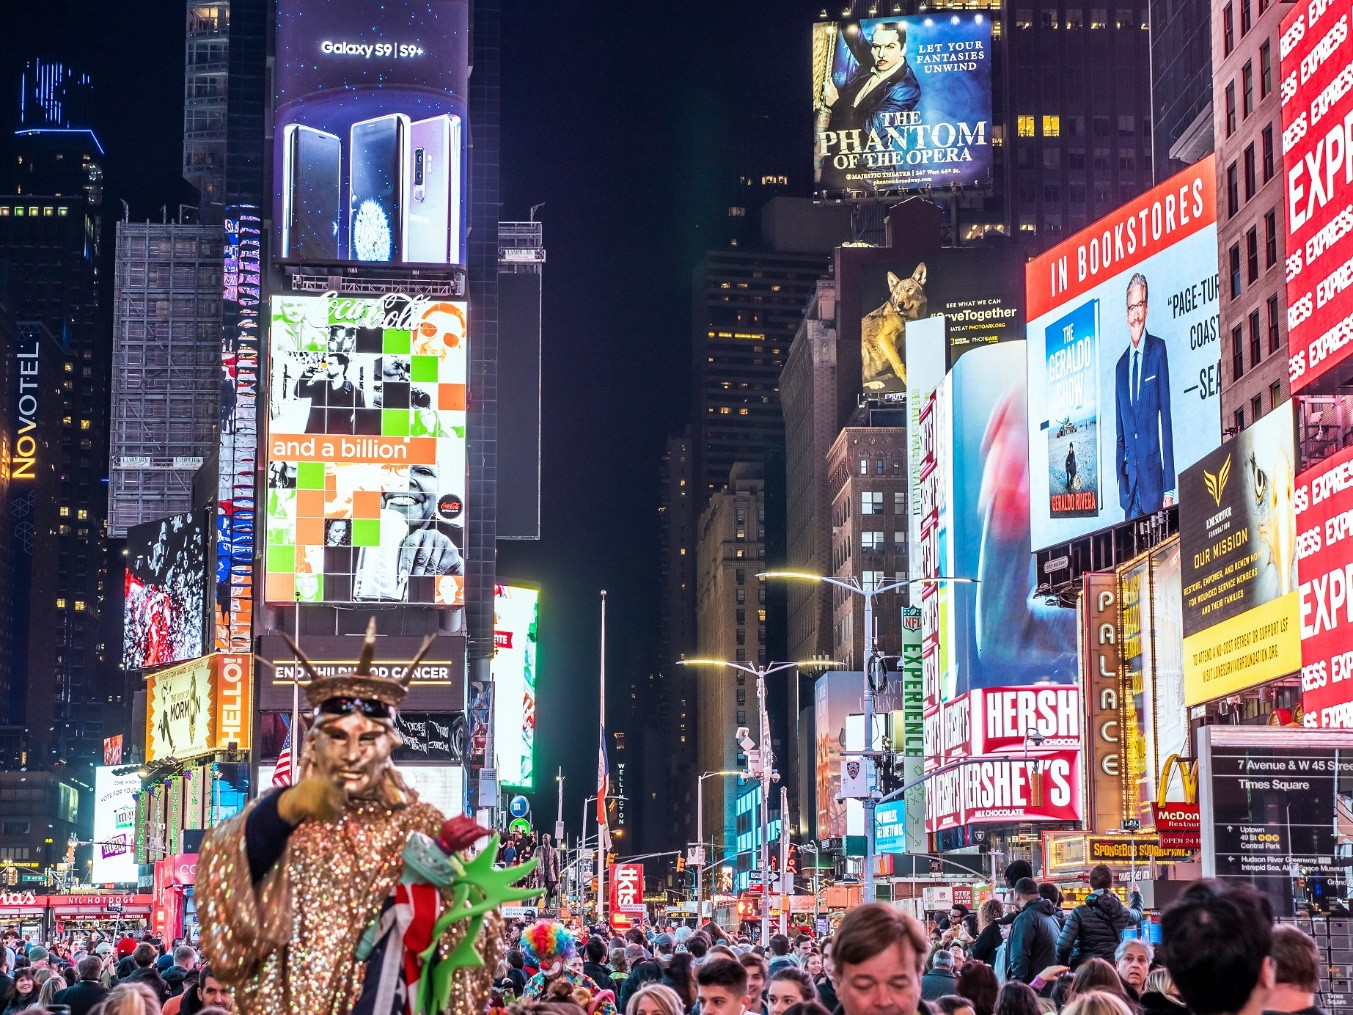 Kinh tế ban đêm- những con số hấp dẫn và thách thức chờ đợi - Ảnh 1.